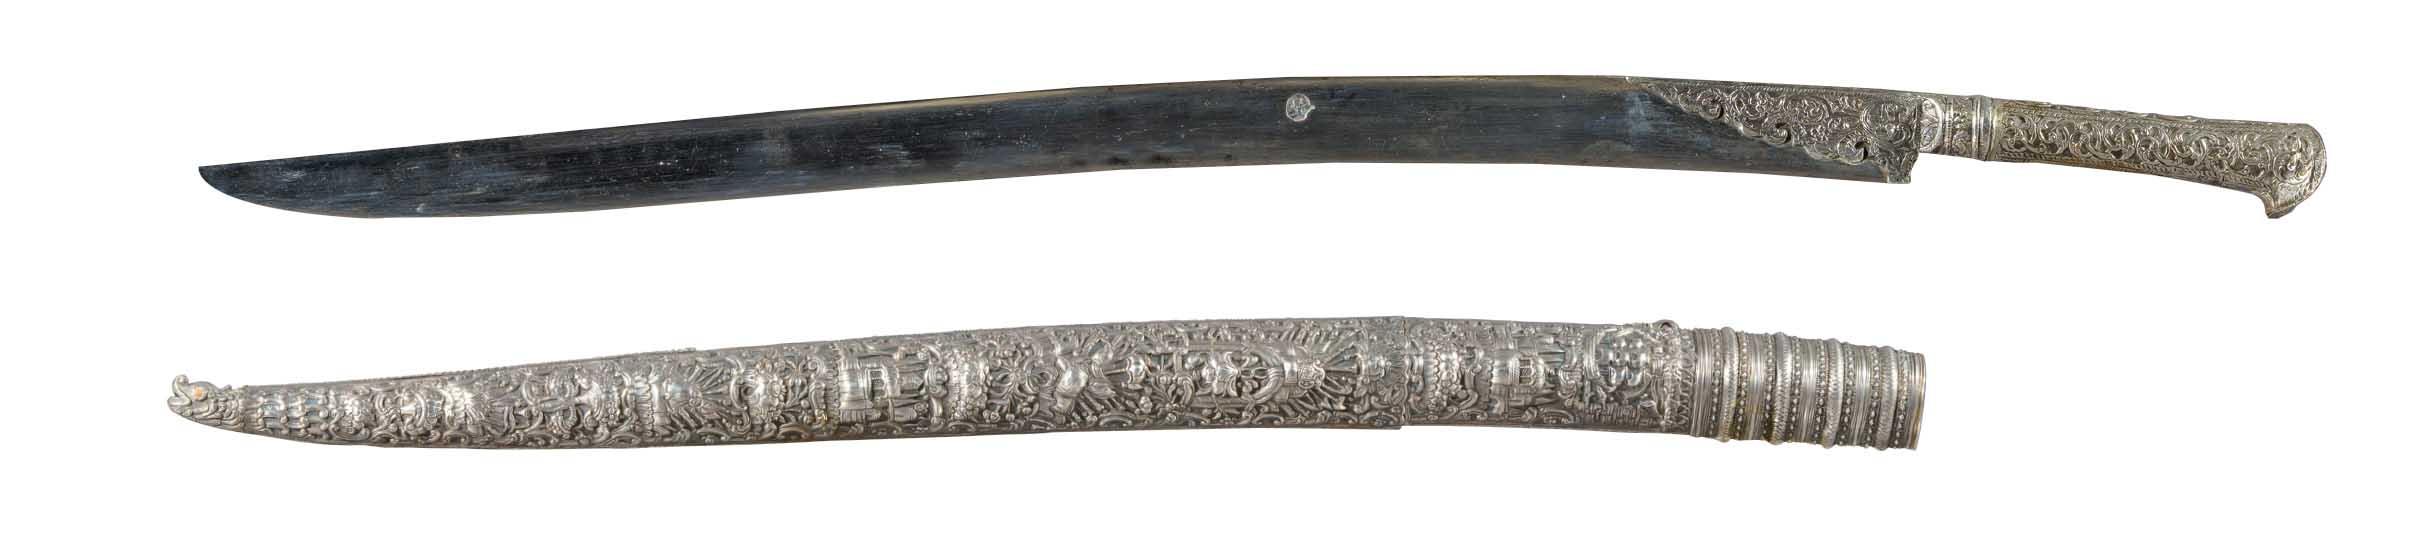 Γιαταγάνι με ασημένια λαβή και θήκη (Κρήτη, 1807)